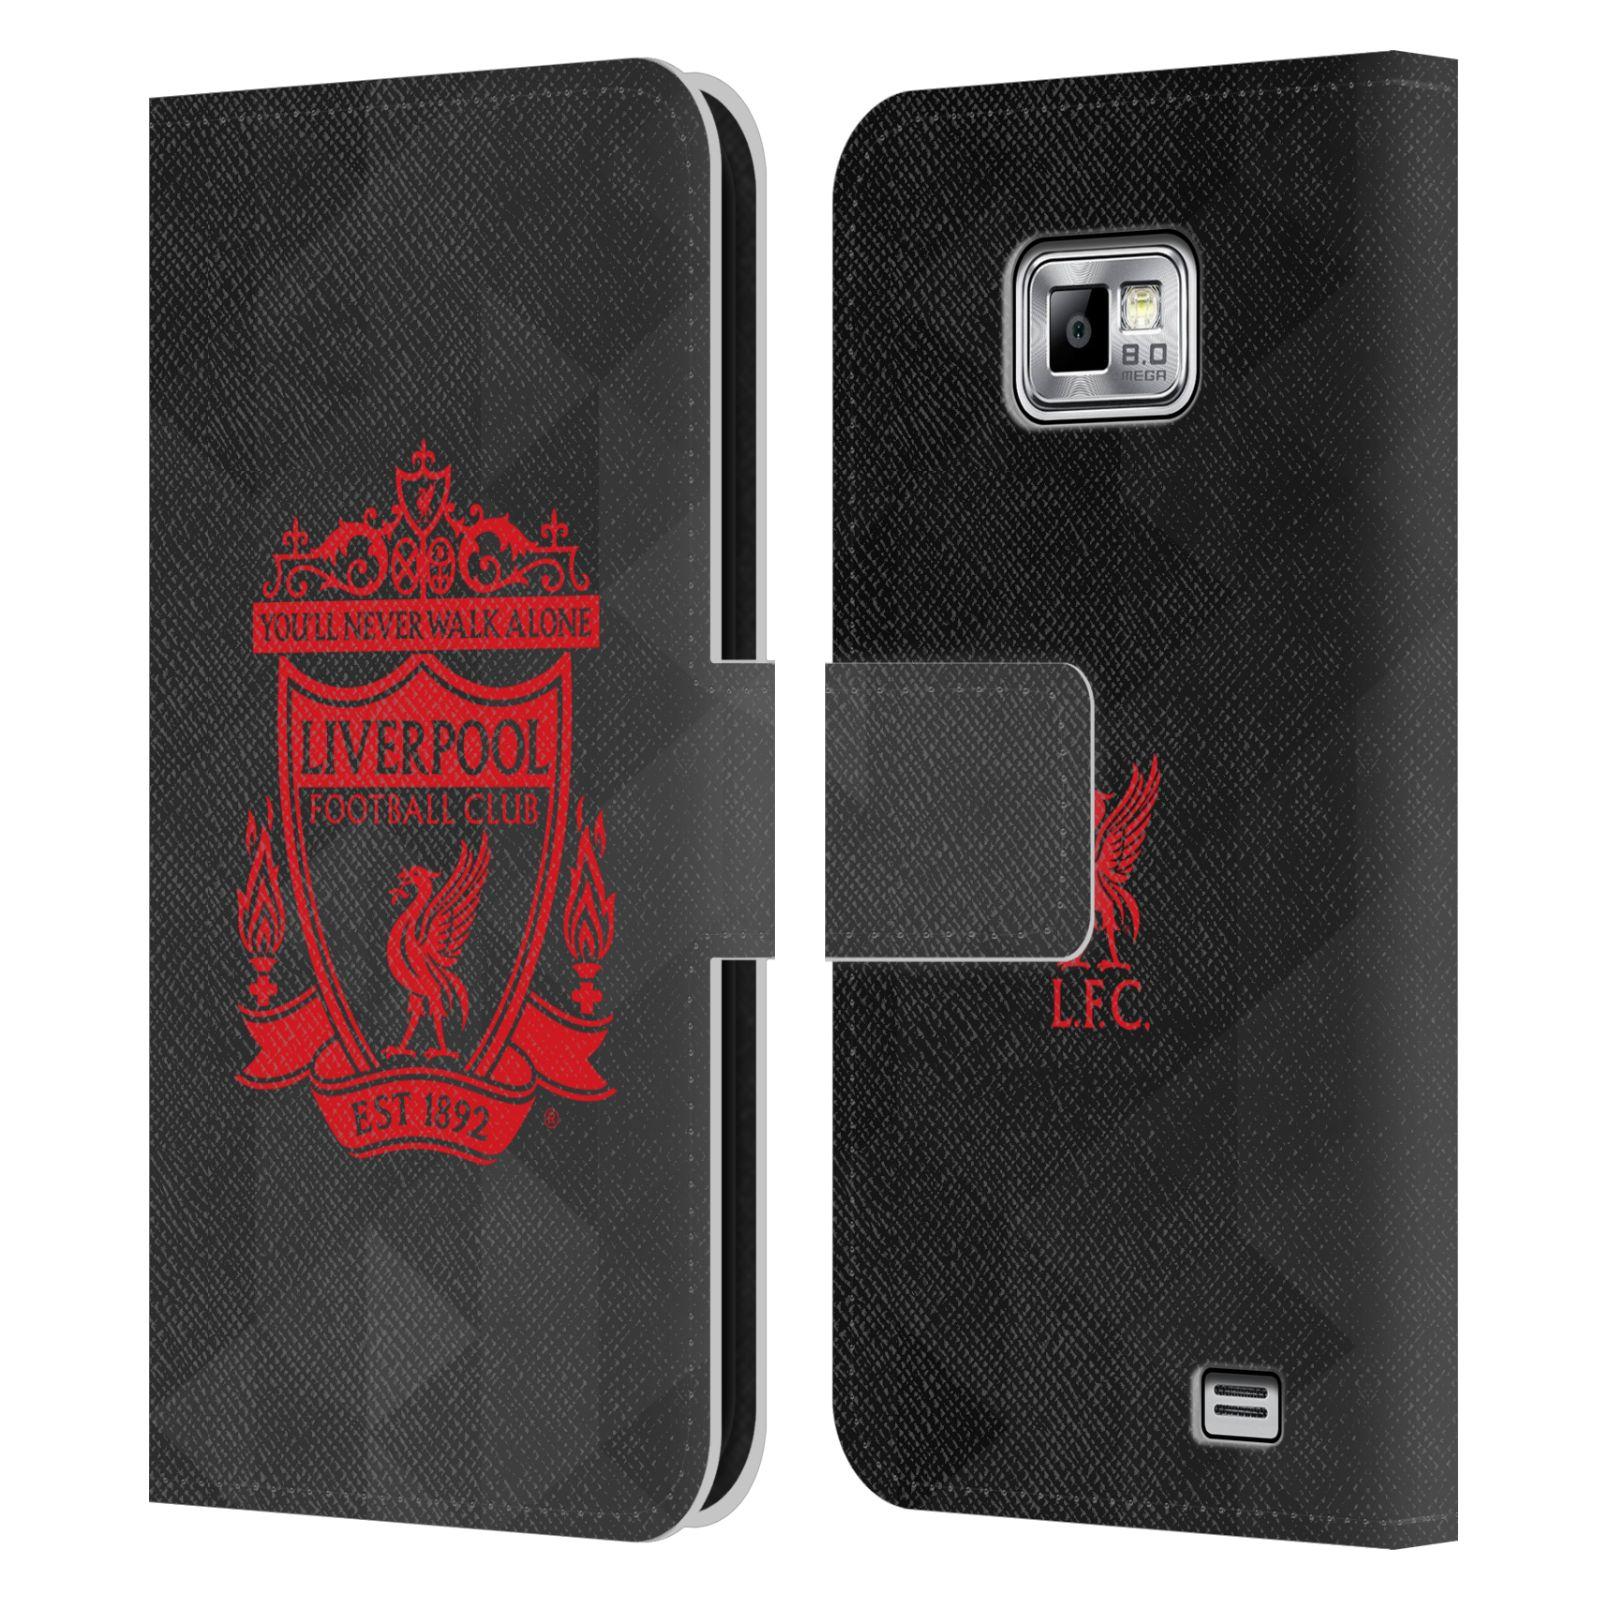 HEAD CASE Flipové pouzdro pro mobil Samsung Galaxy S2 i9100 LIVERPOOL FC OFICIÁLNÍ ZNAK kostky červený znak na černé